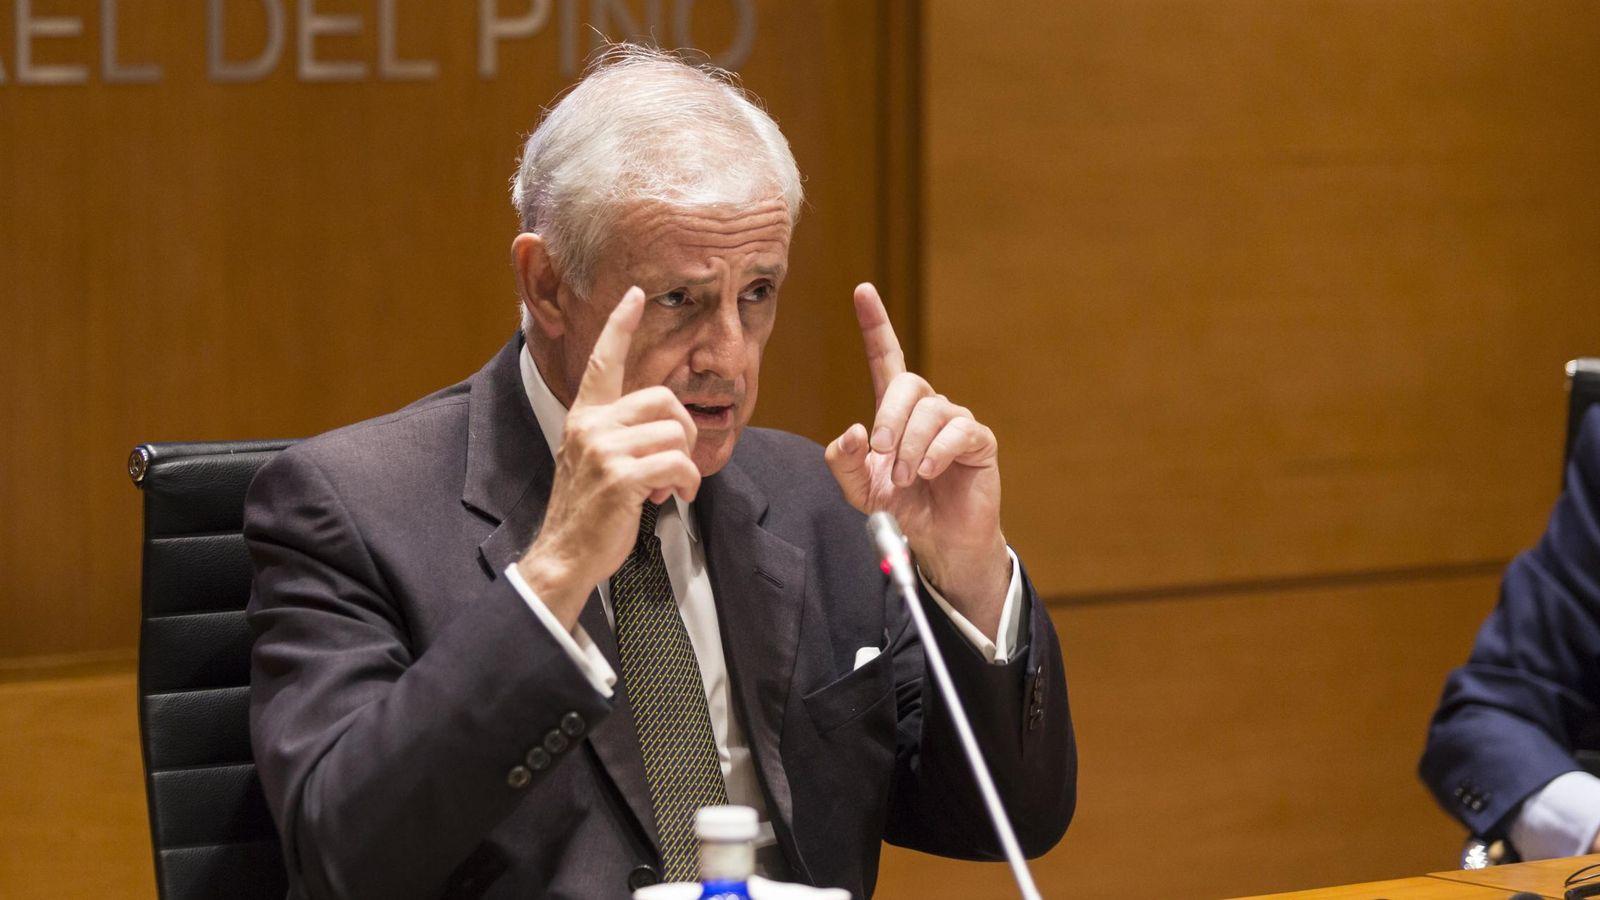 Foto: Sean Cleary durante su conferencia en la Fundación Rafael del Pino. (FRP)